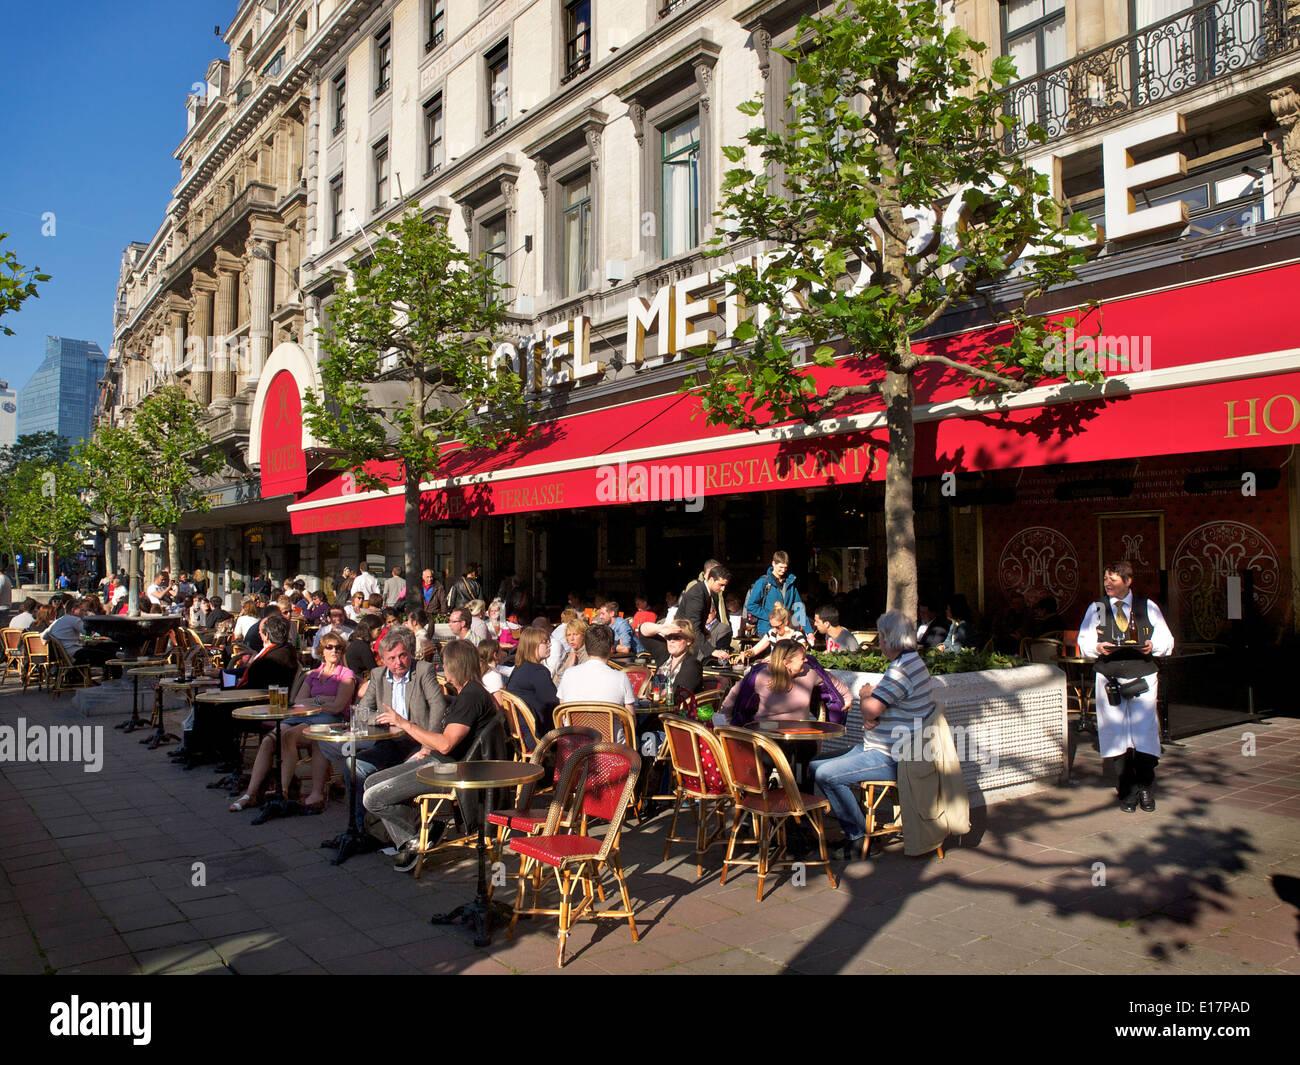 Menschen genießen die Nachmittagssonne vor dem berühmten Hotel Metropole in Brüssel, Belgien Stockbild